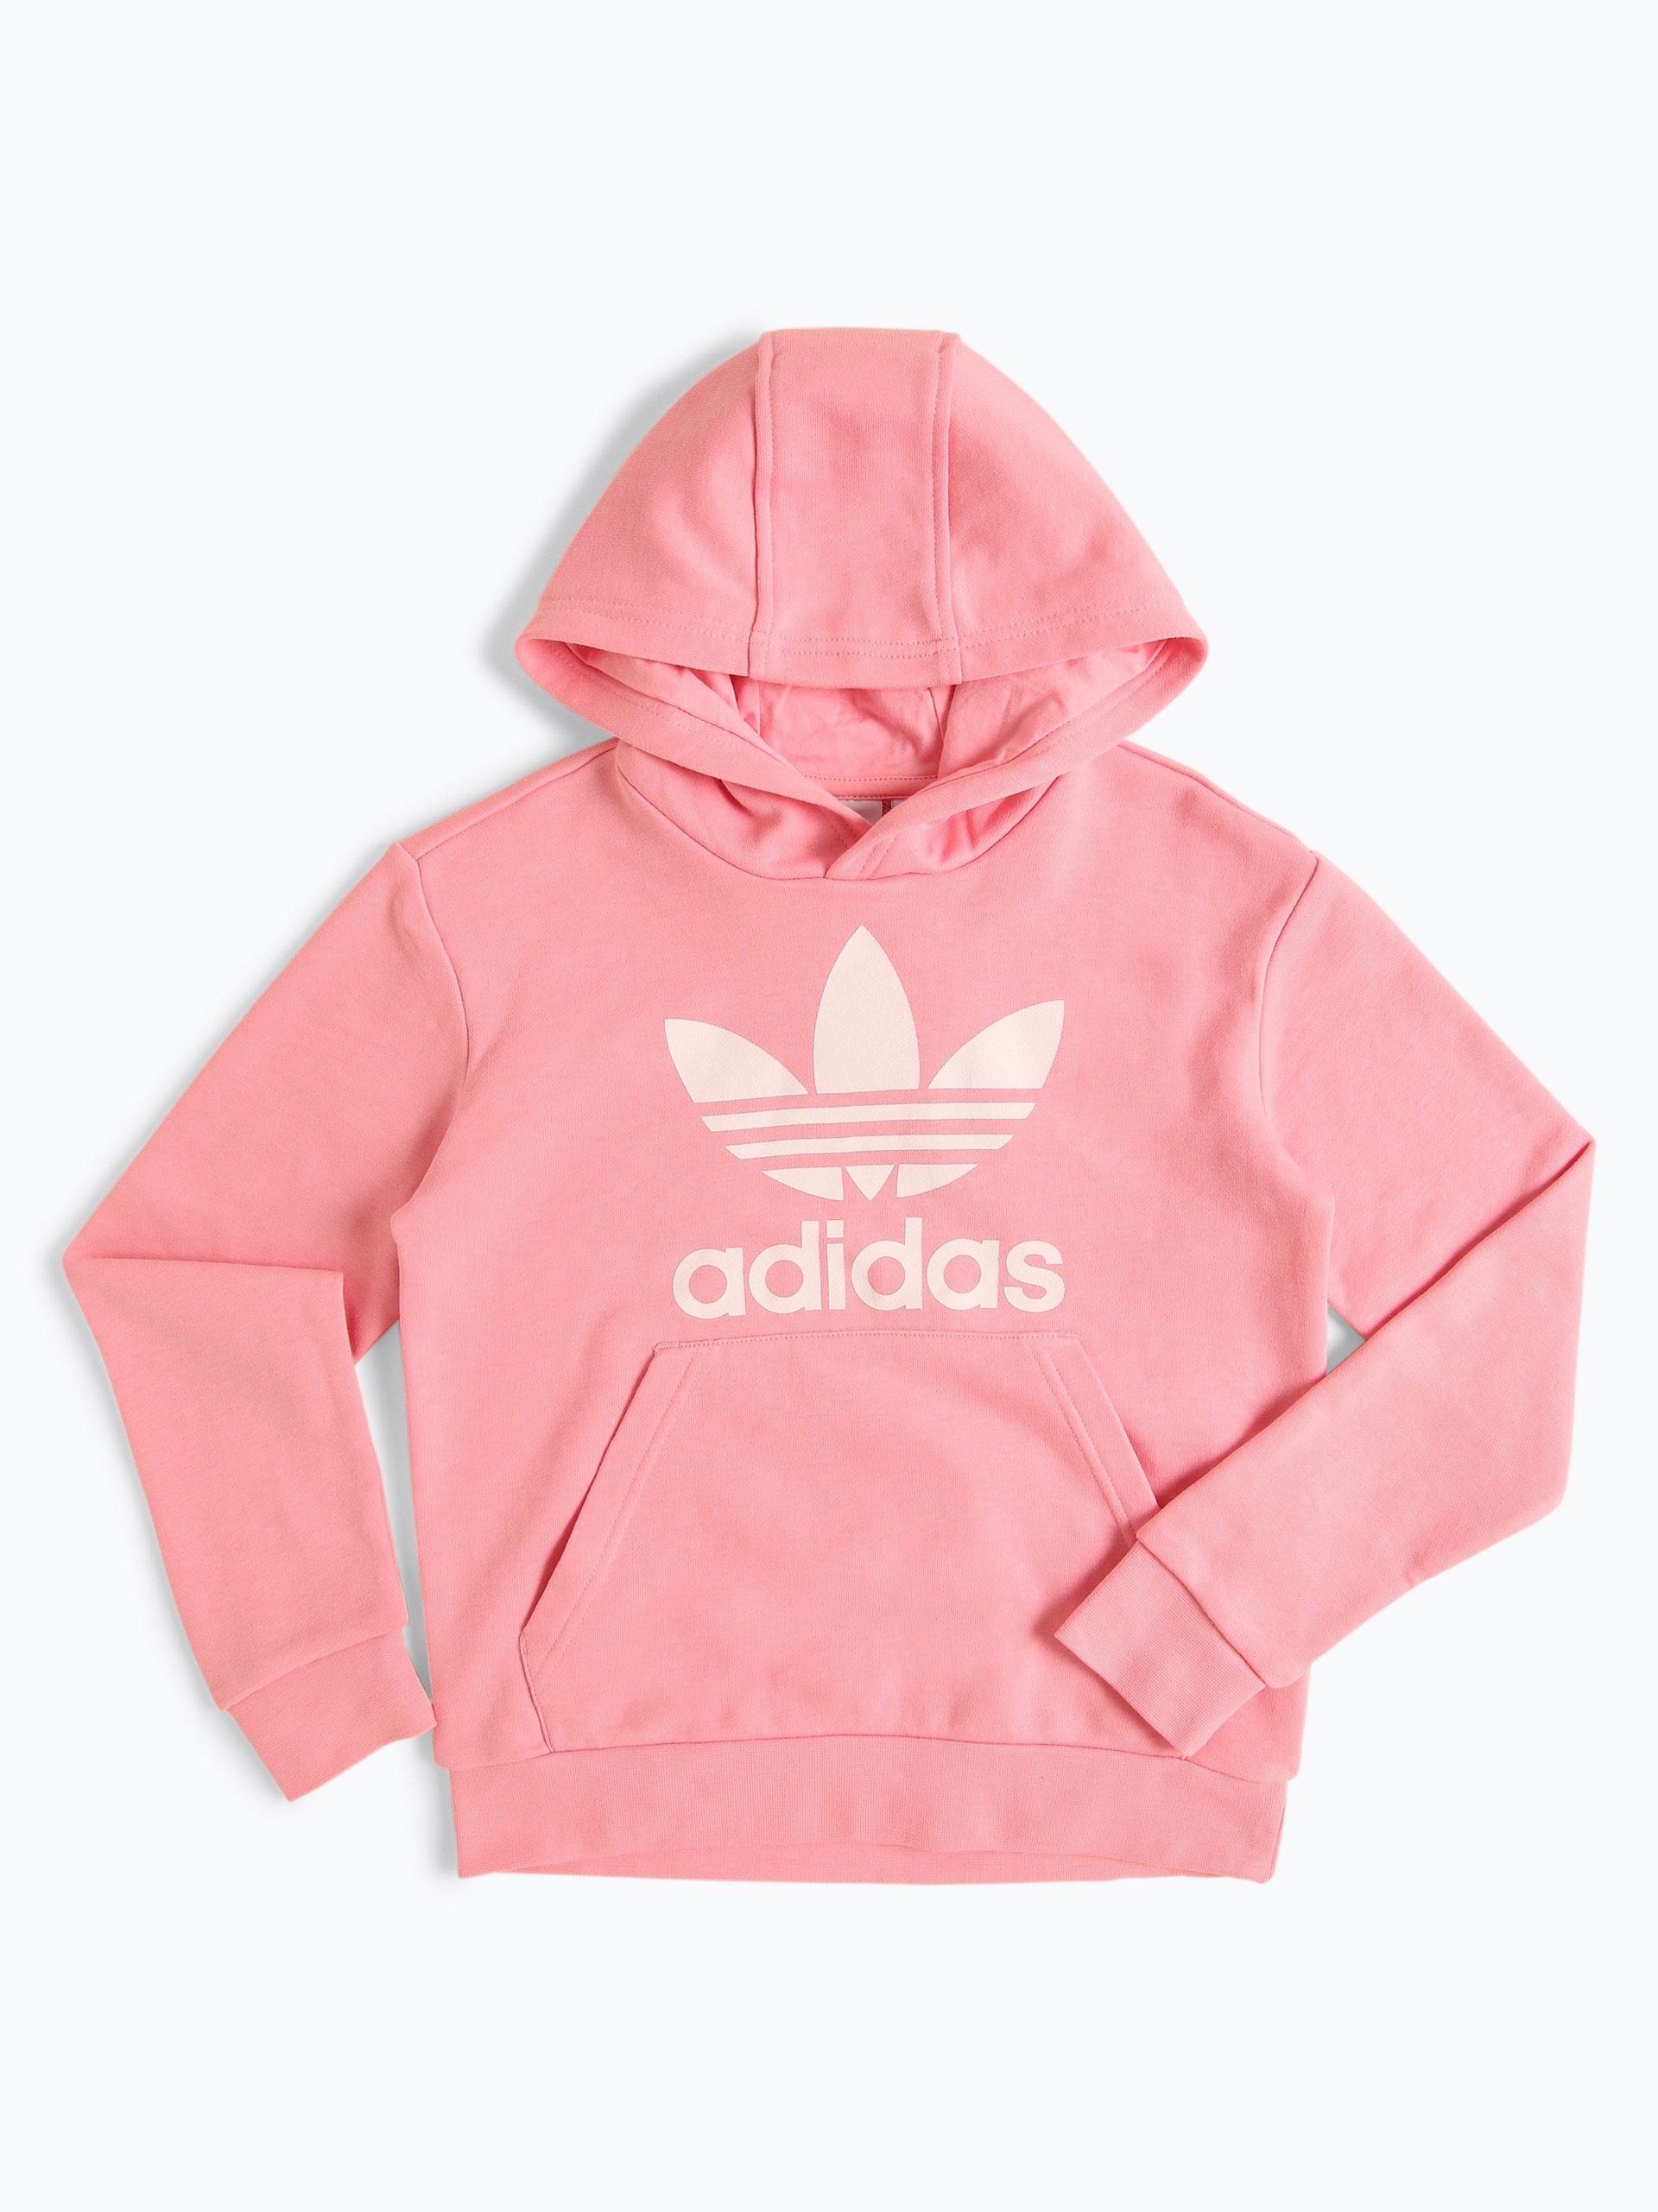 adidas Originals Mädchen Sweatshirt